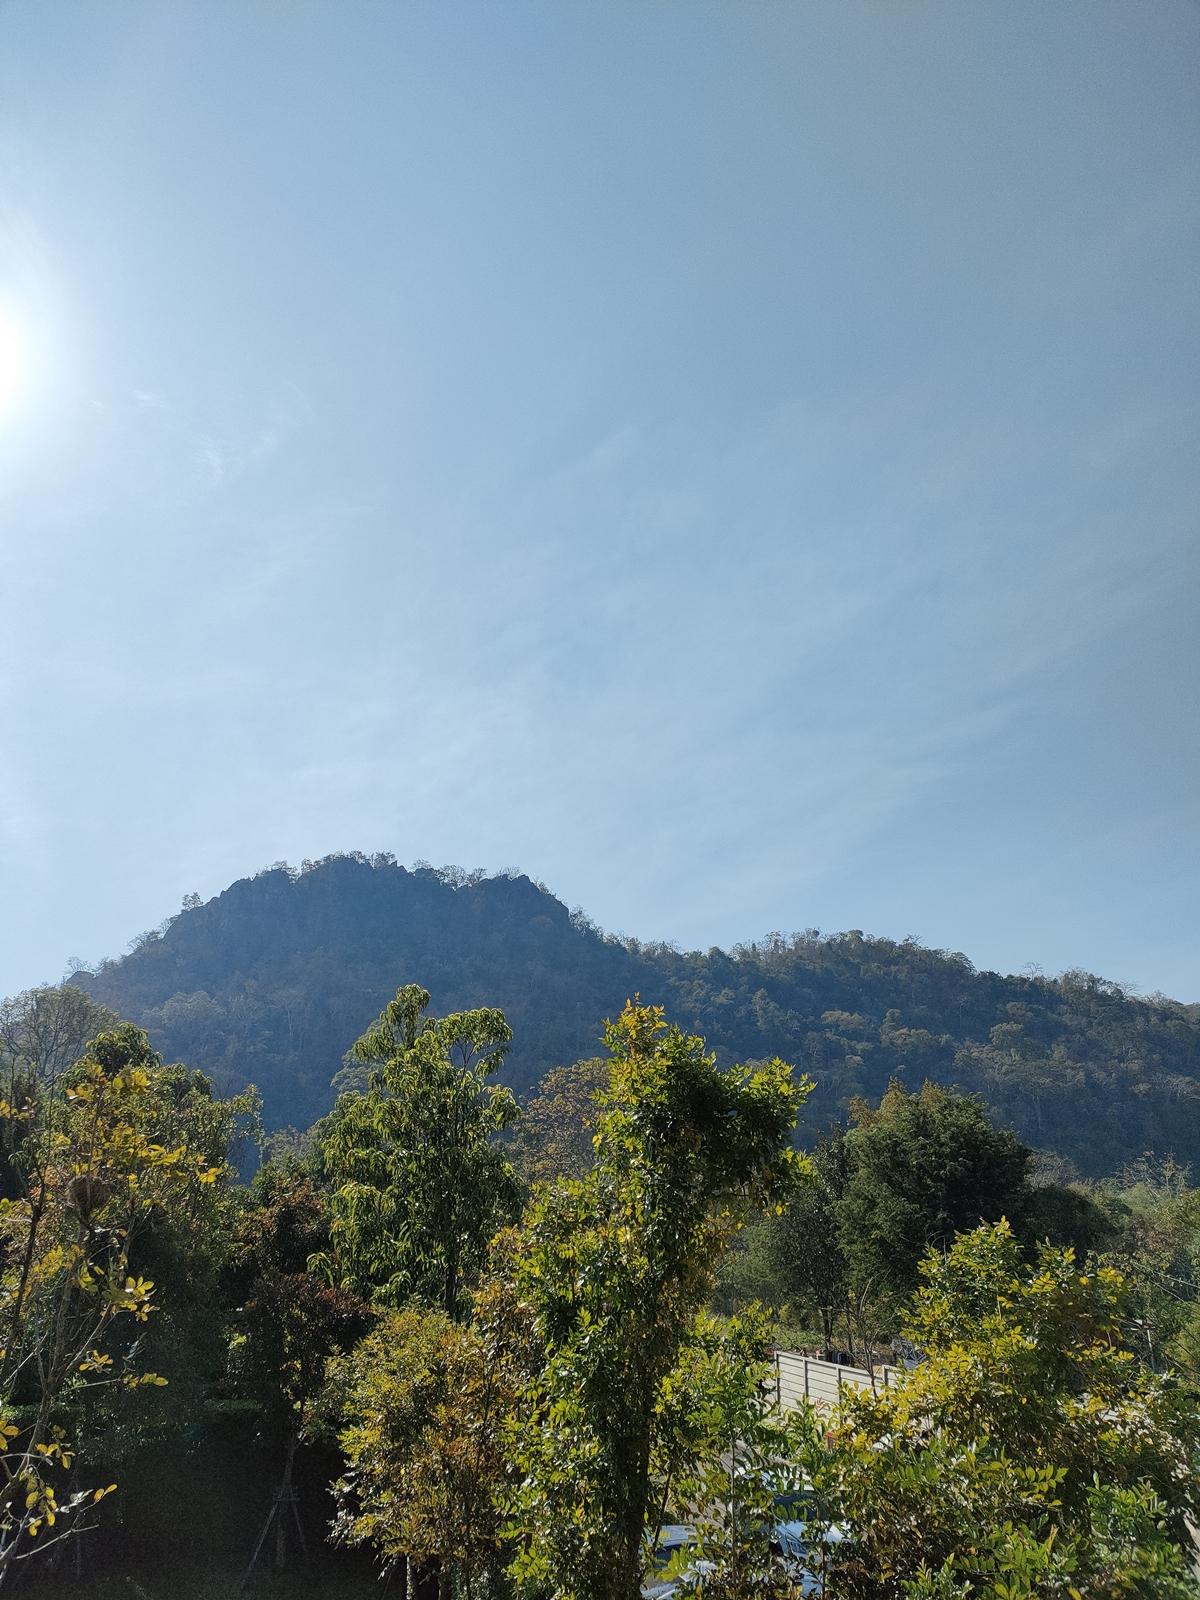 ภาพภูเขา ต้นไม้ ถ่ายด้วยความละเอียดกล้อง 108MP เข้าไปที่ Extra HD ในส่วนของ More